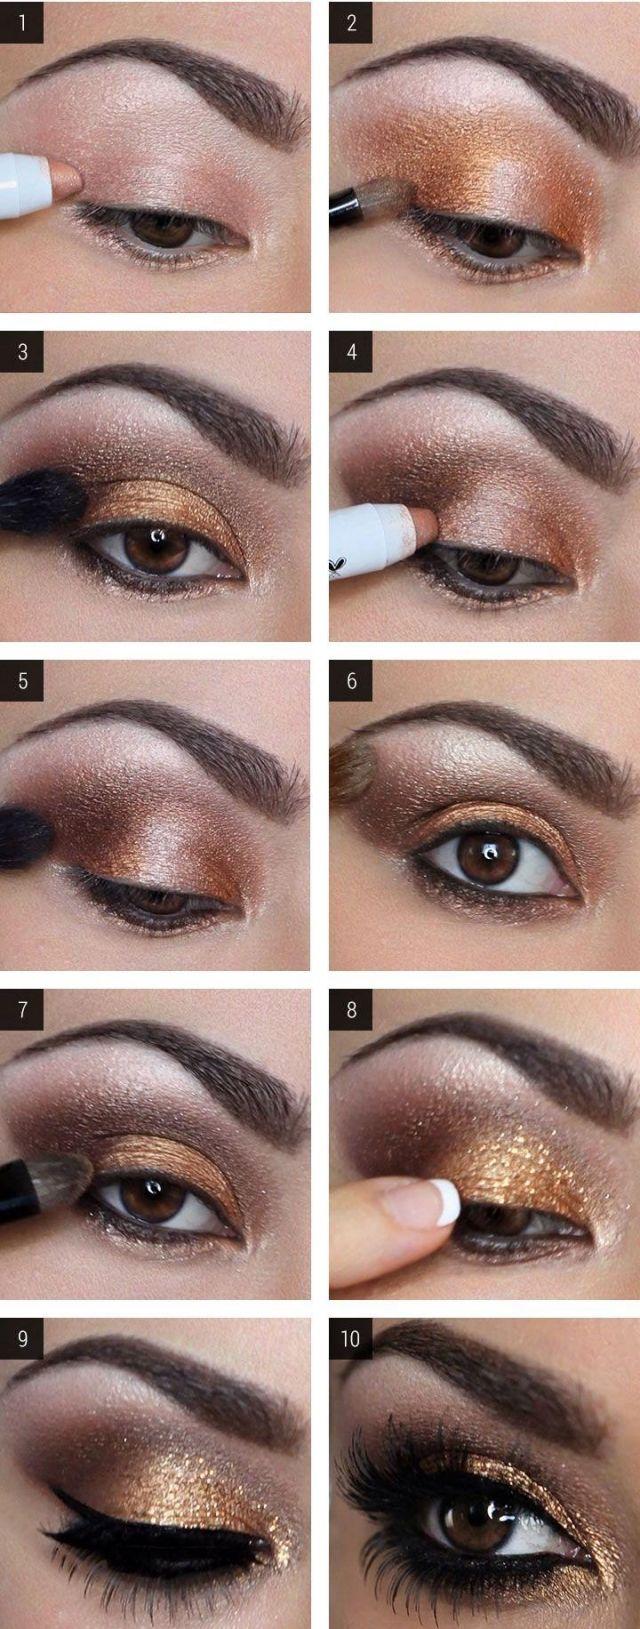 geschminkte augen nachmachen bilder gold braun abend makeup #mineralcosmetics